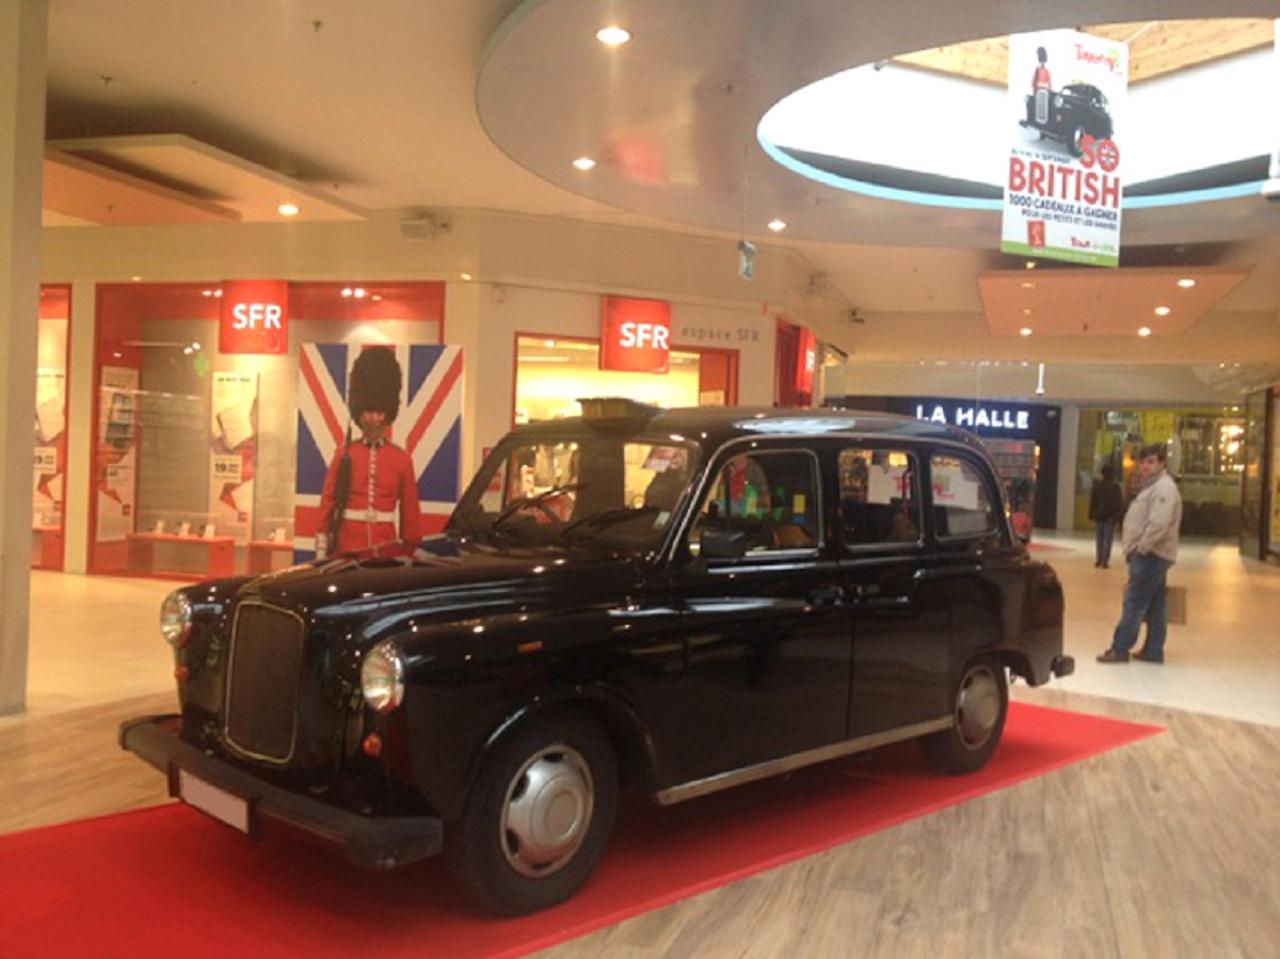 """Taxi anglais noir exposé au centre commercial pour action """"So british""""."""